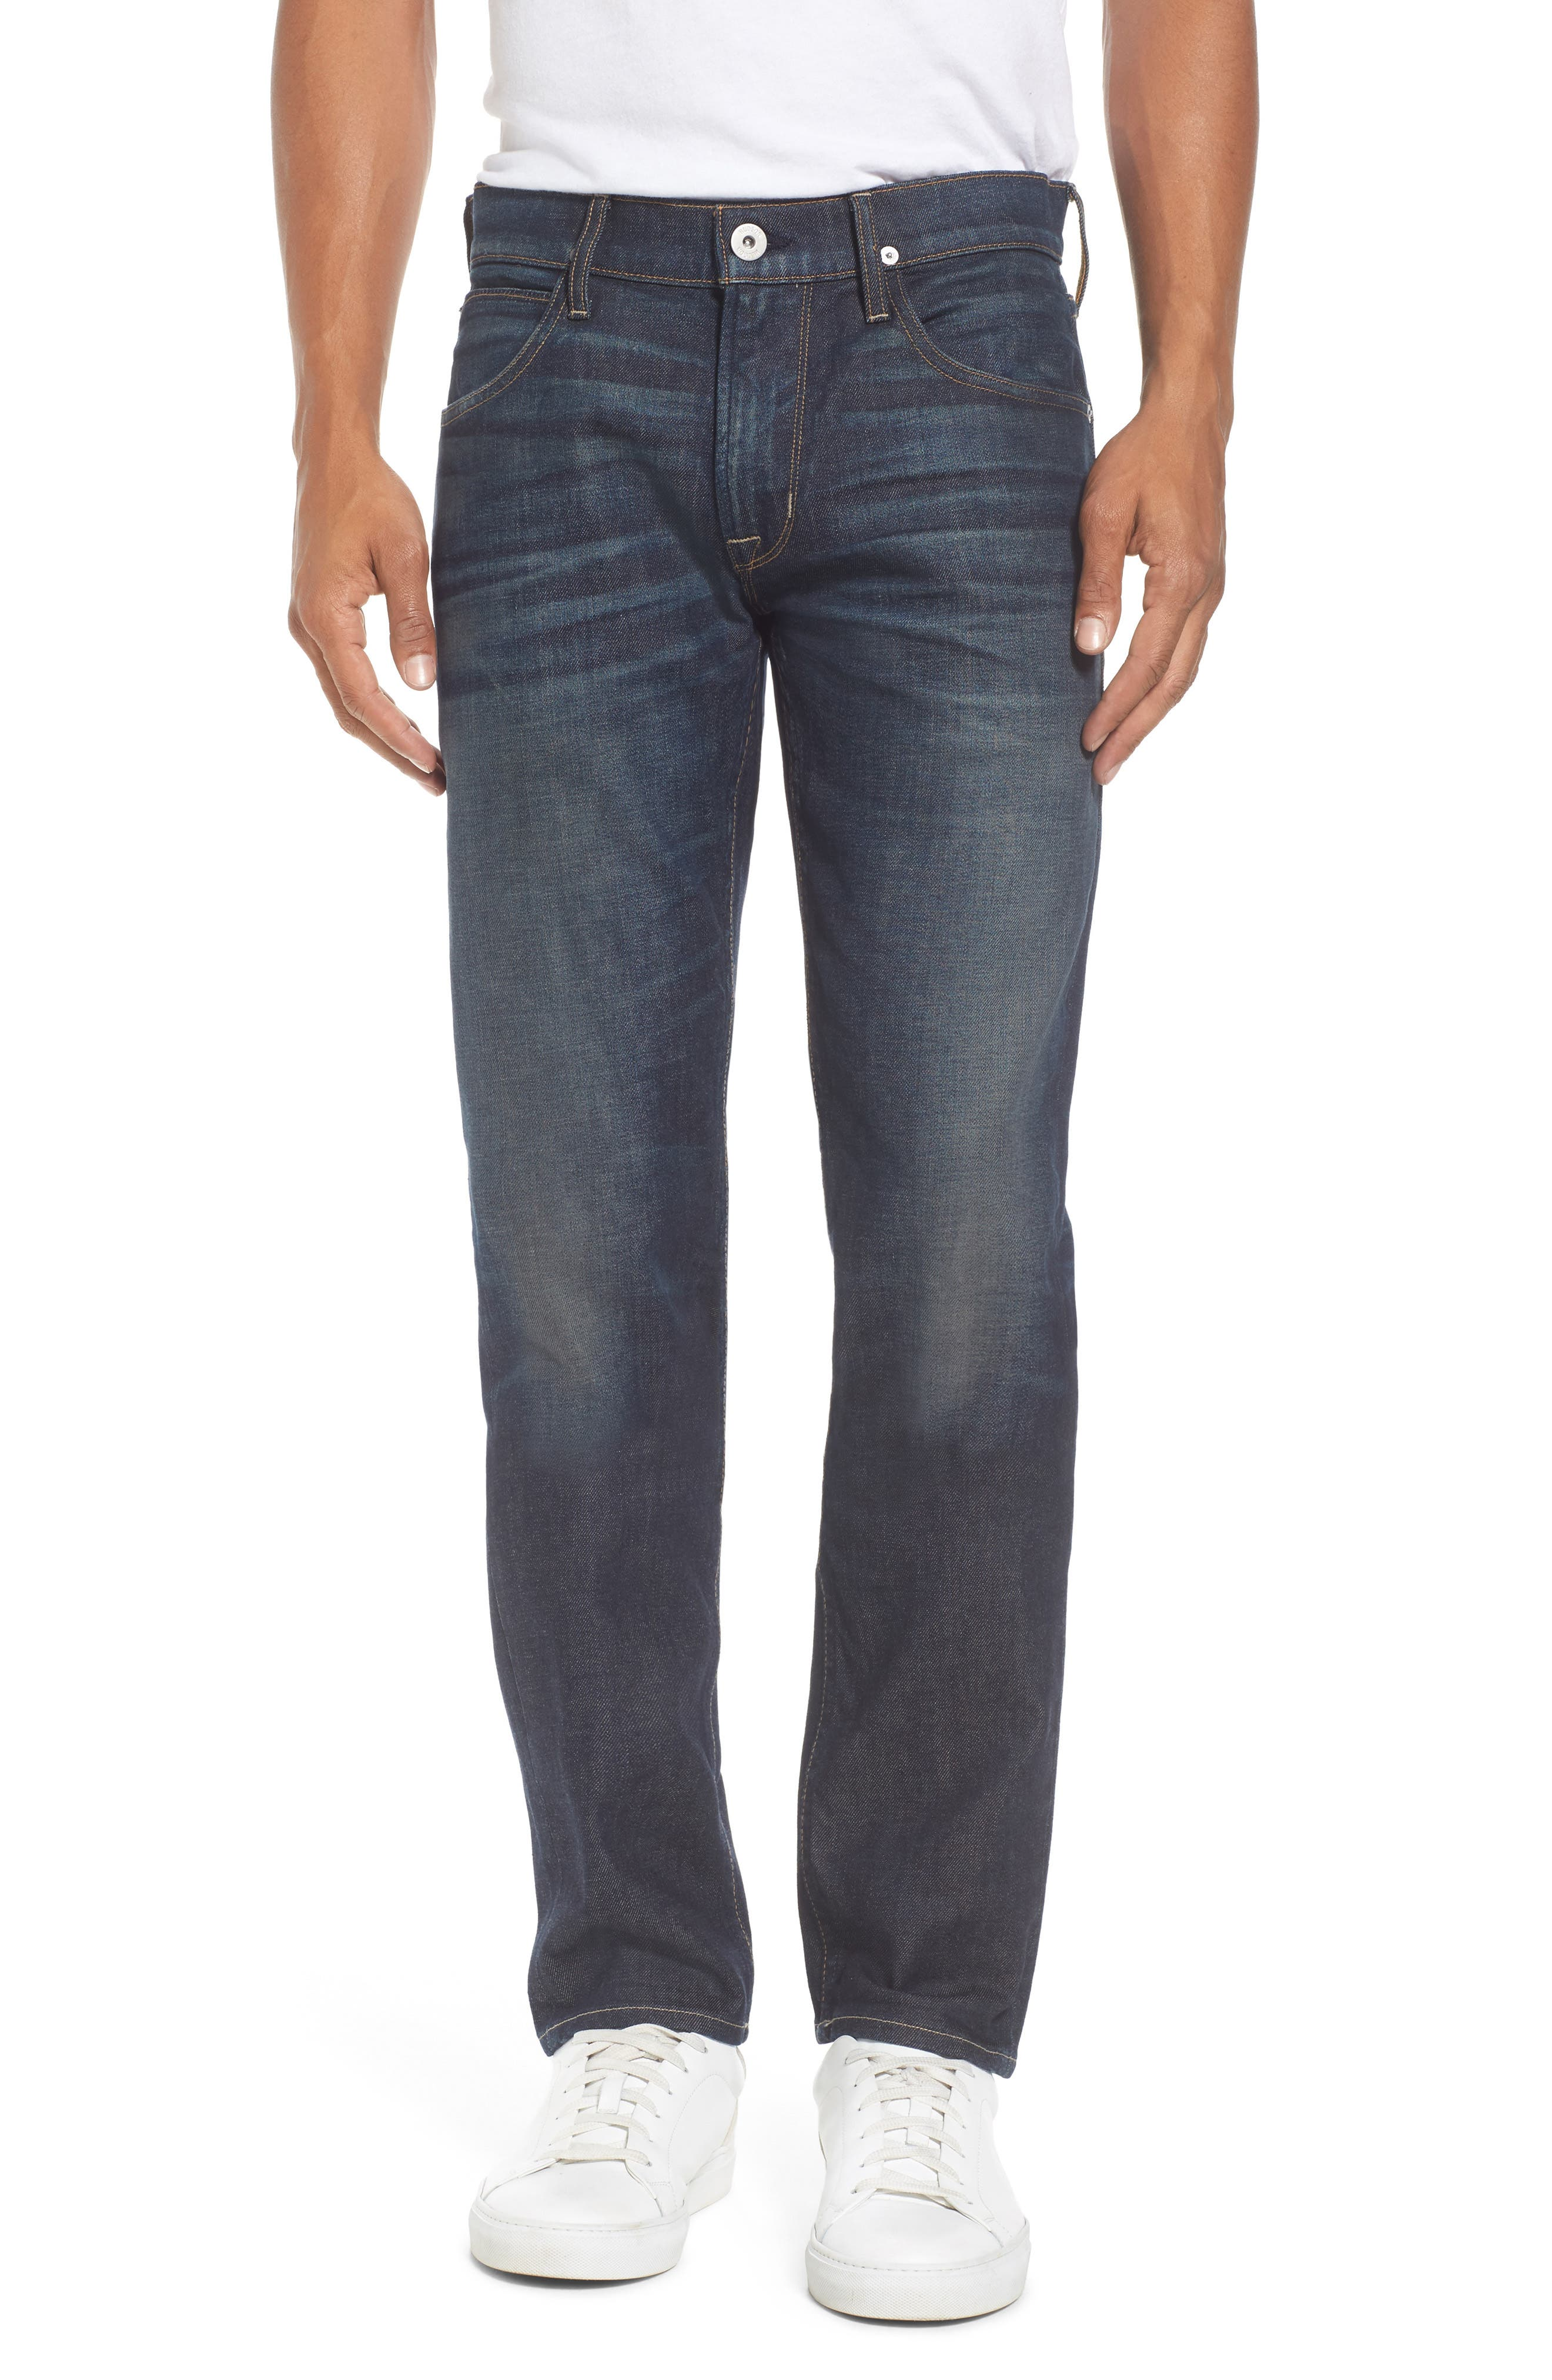 Blake Slim Fit Jeans,                         Main,                         color, Crusher